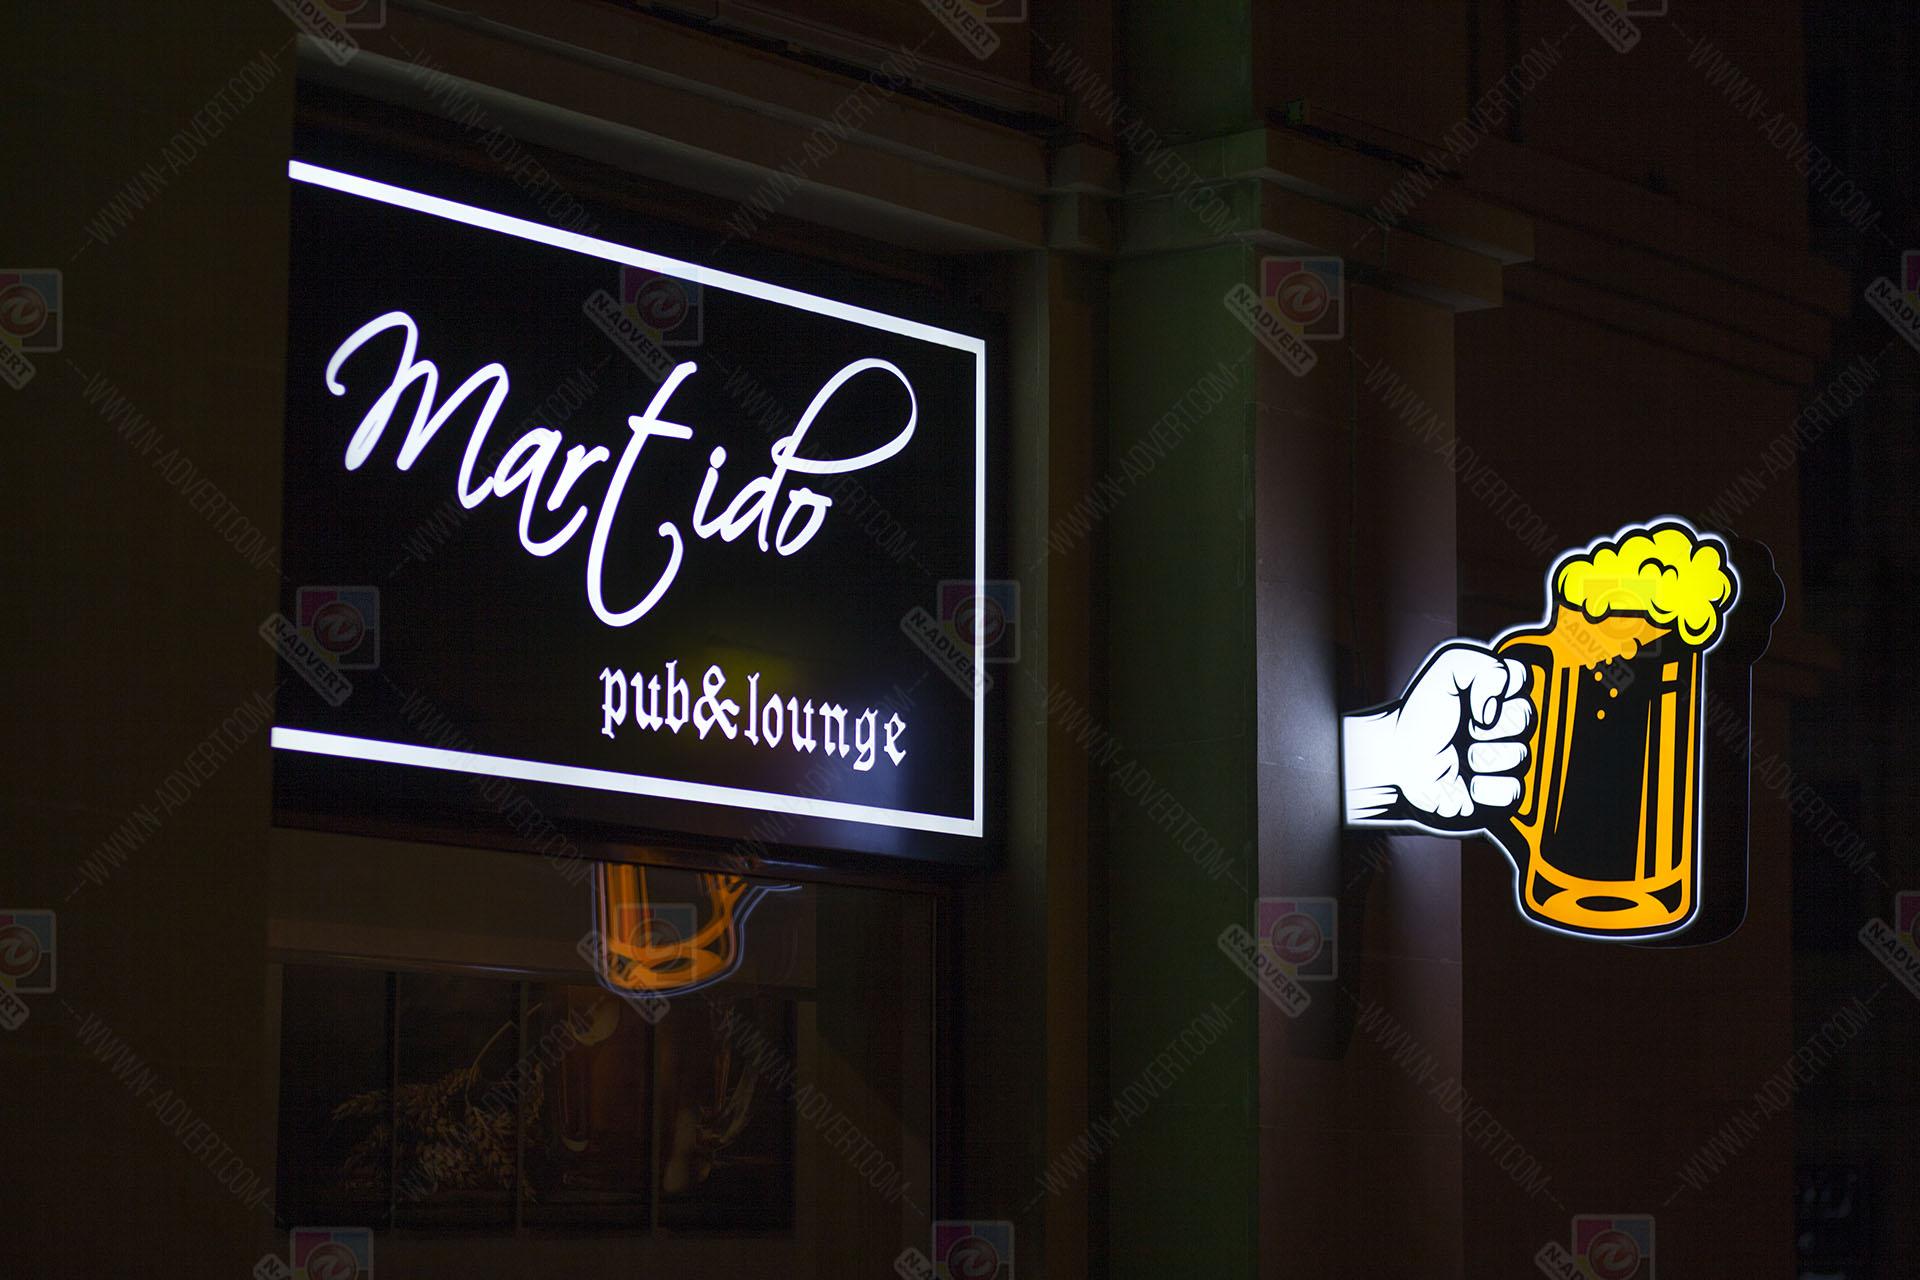 Martido pub 1920x1280